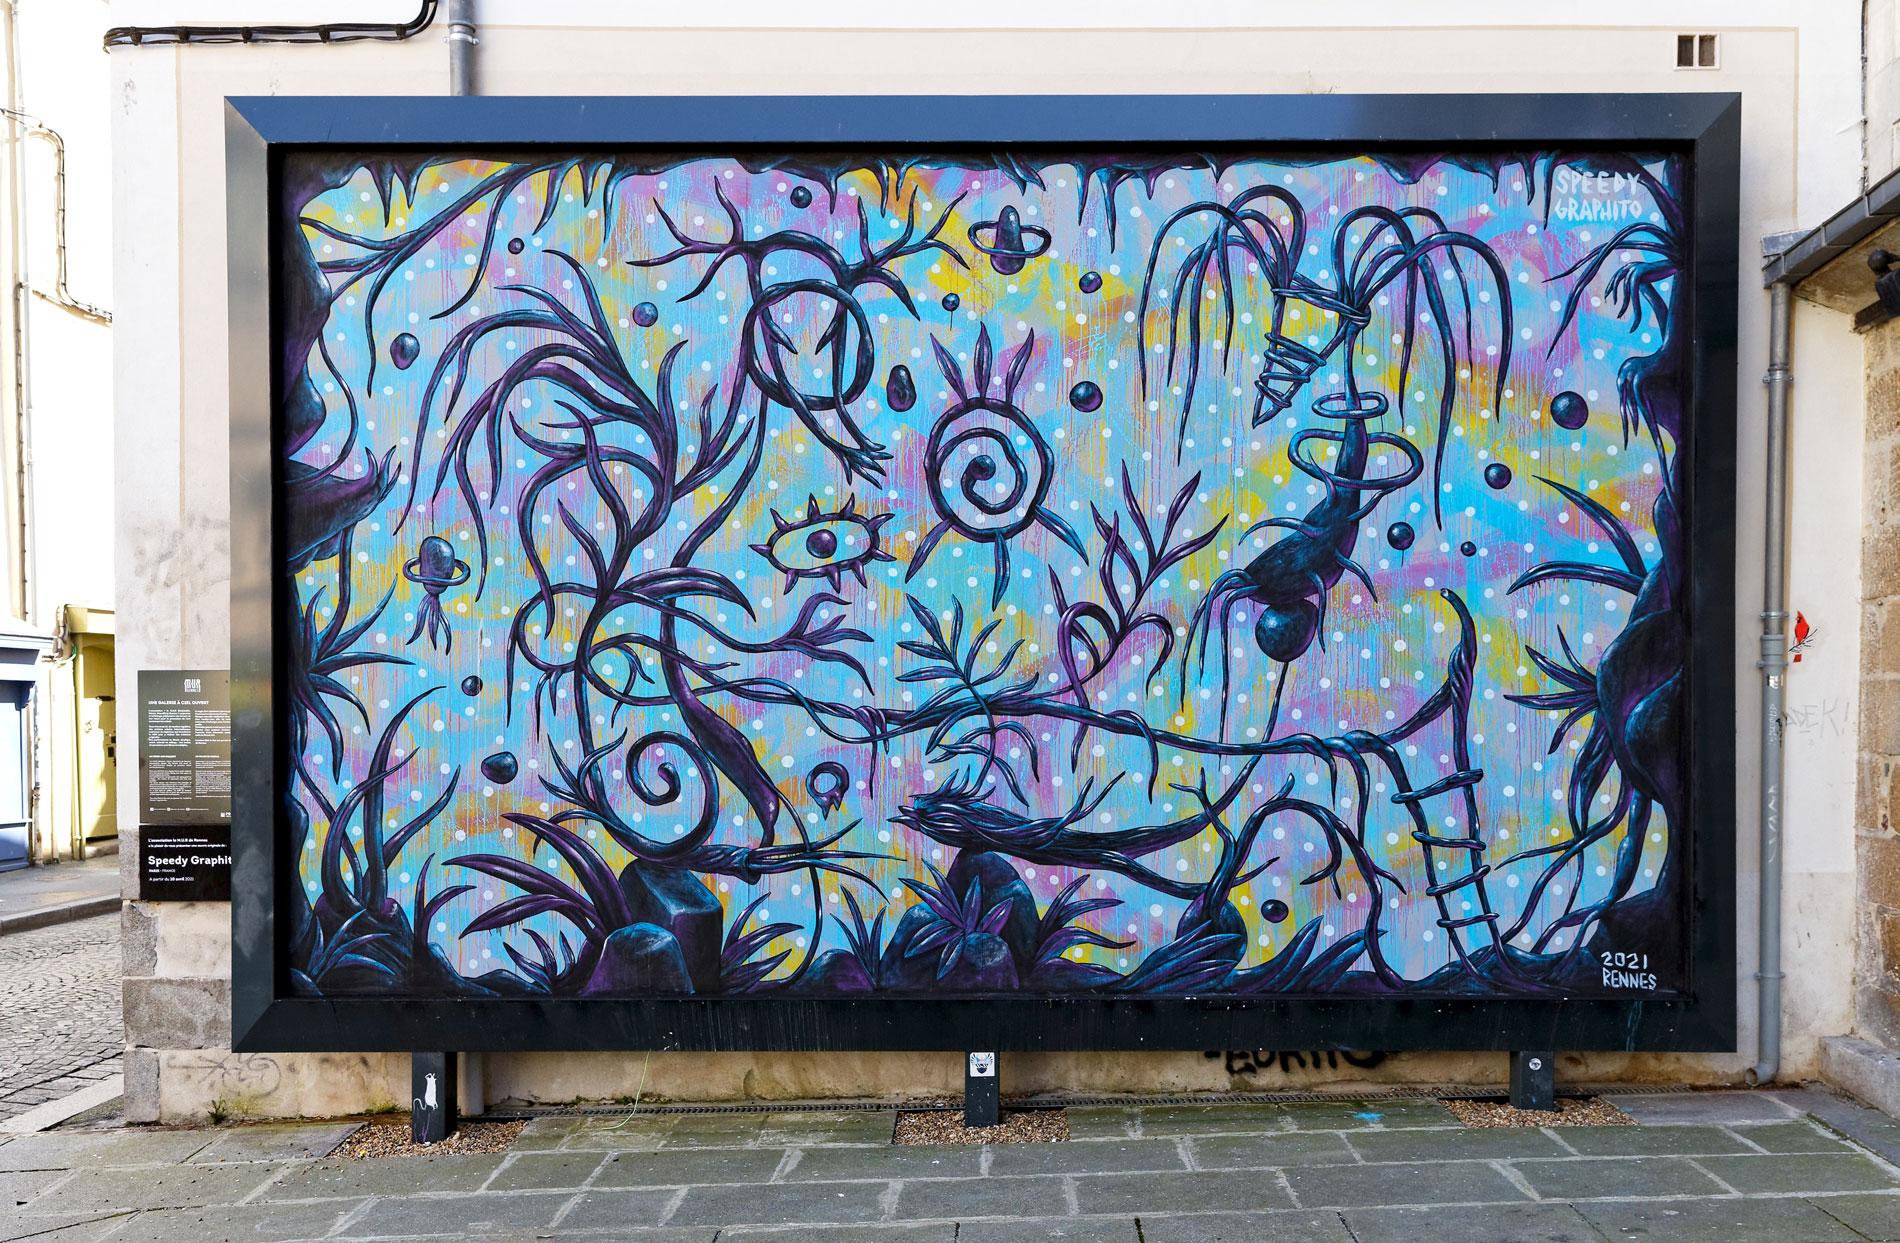 Mur-de-Rennes--Speedy-Graphito-@Monique-Sammut